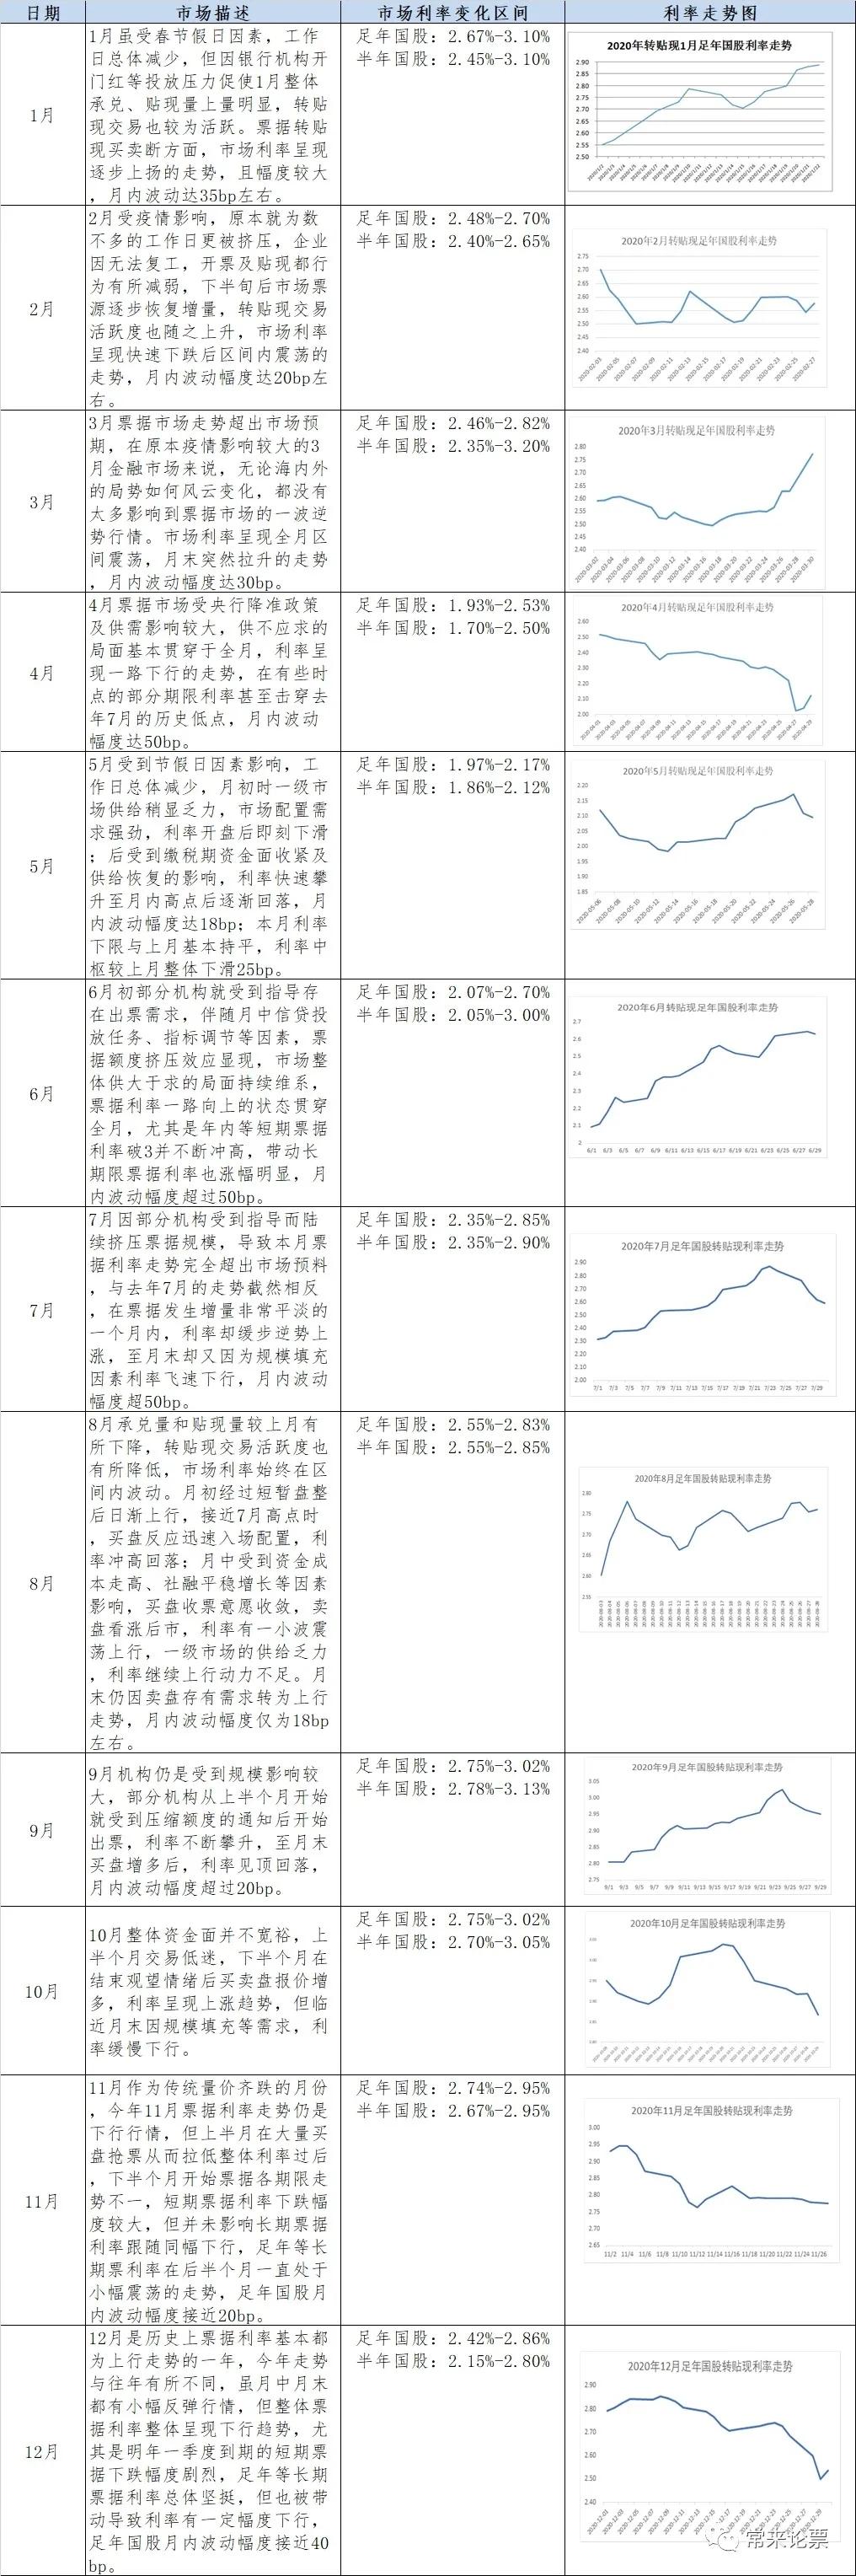 2020年全年票据转贴现市场总结